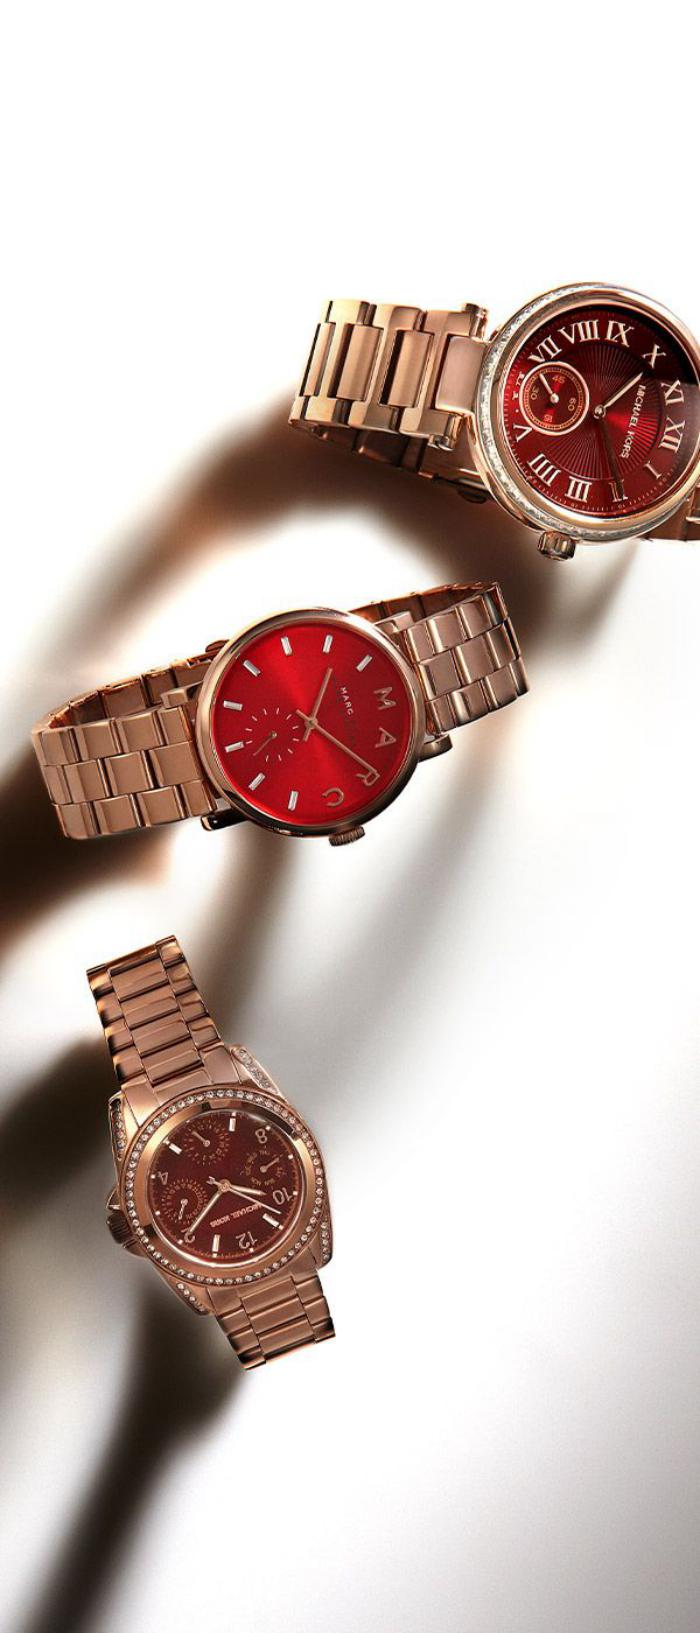 montre-marc-jacobs-trois-montres-cadrans-rouges